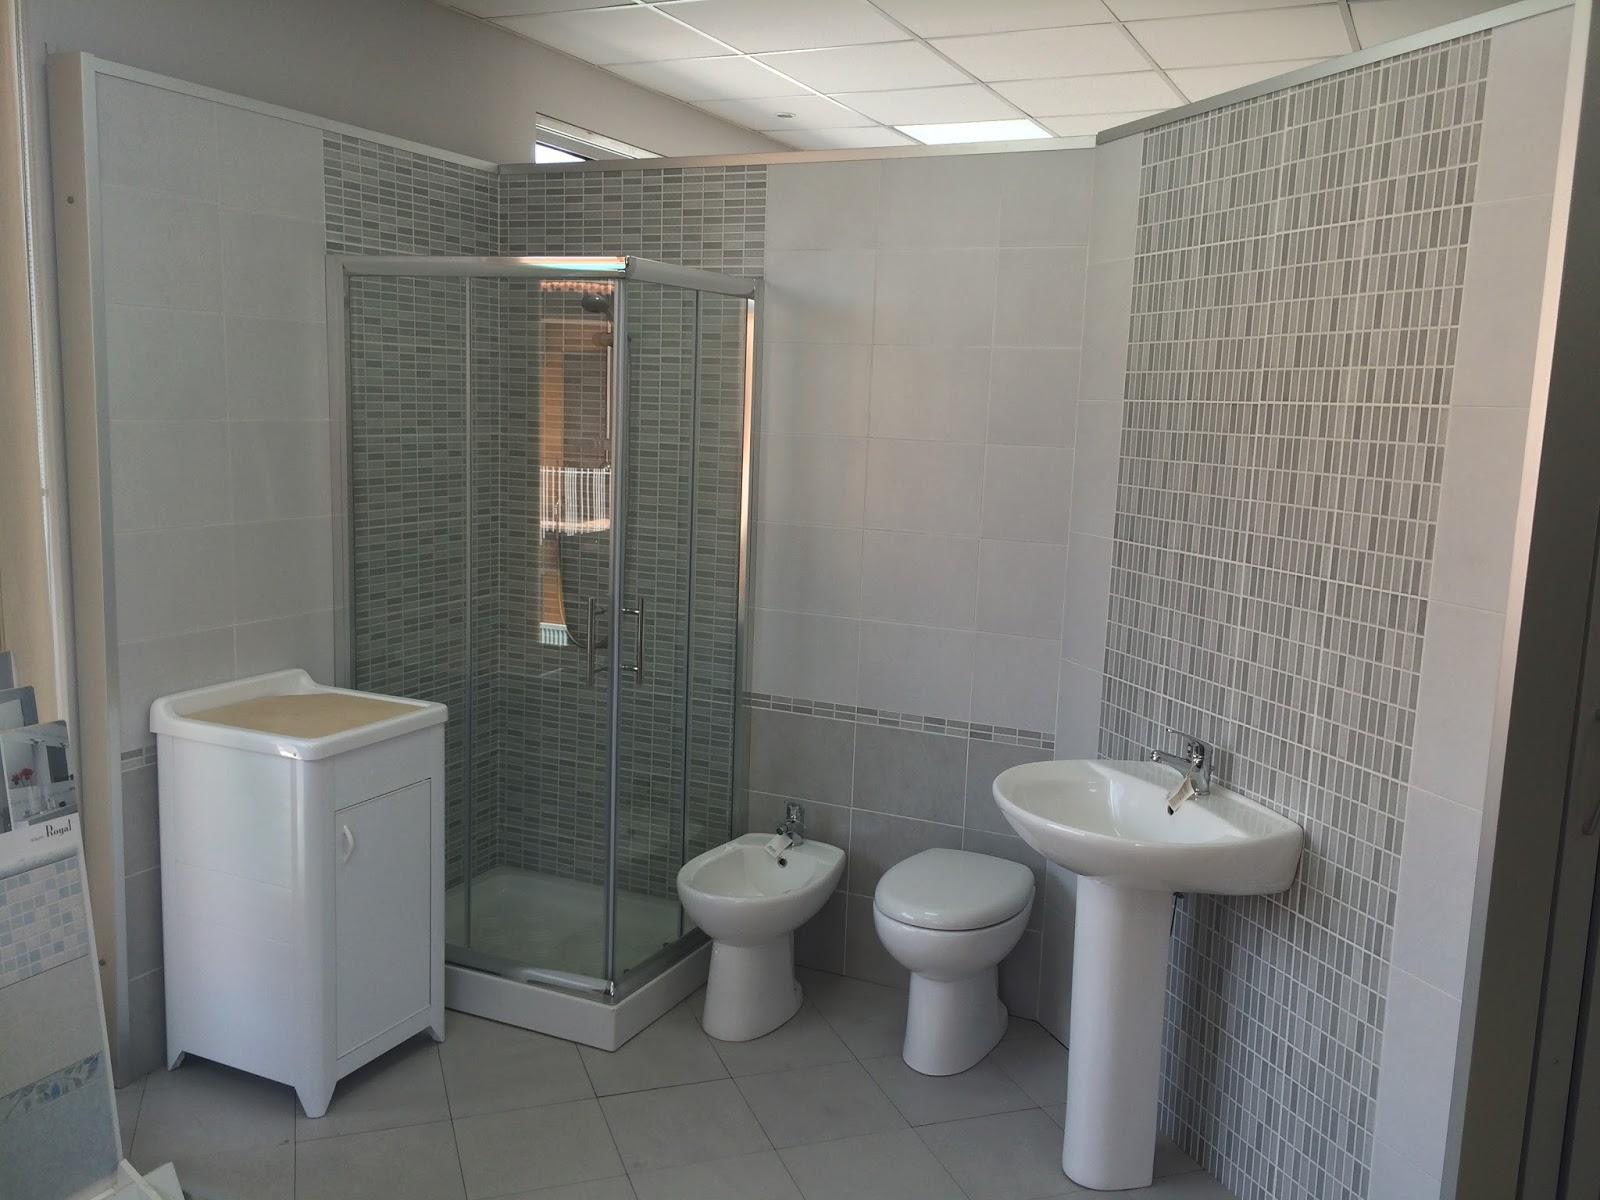 Alla mattonella chic offerta bagno completo - Bagni completi in offerta ...